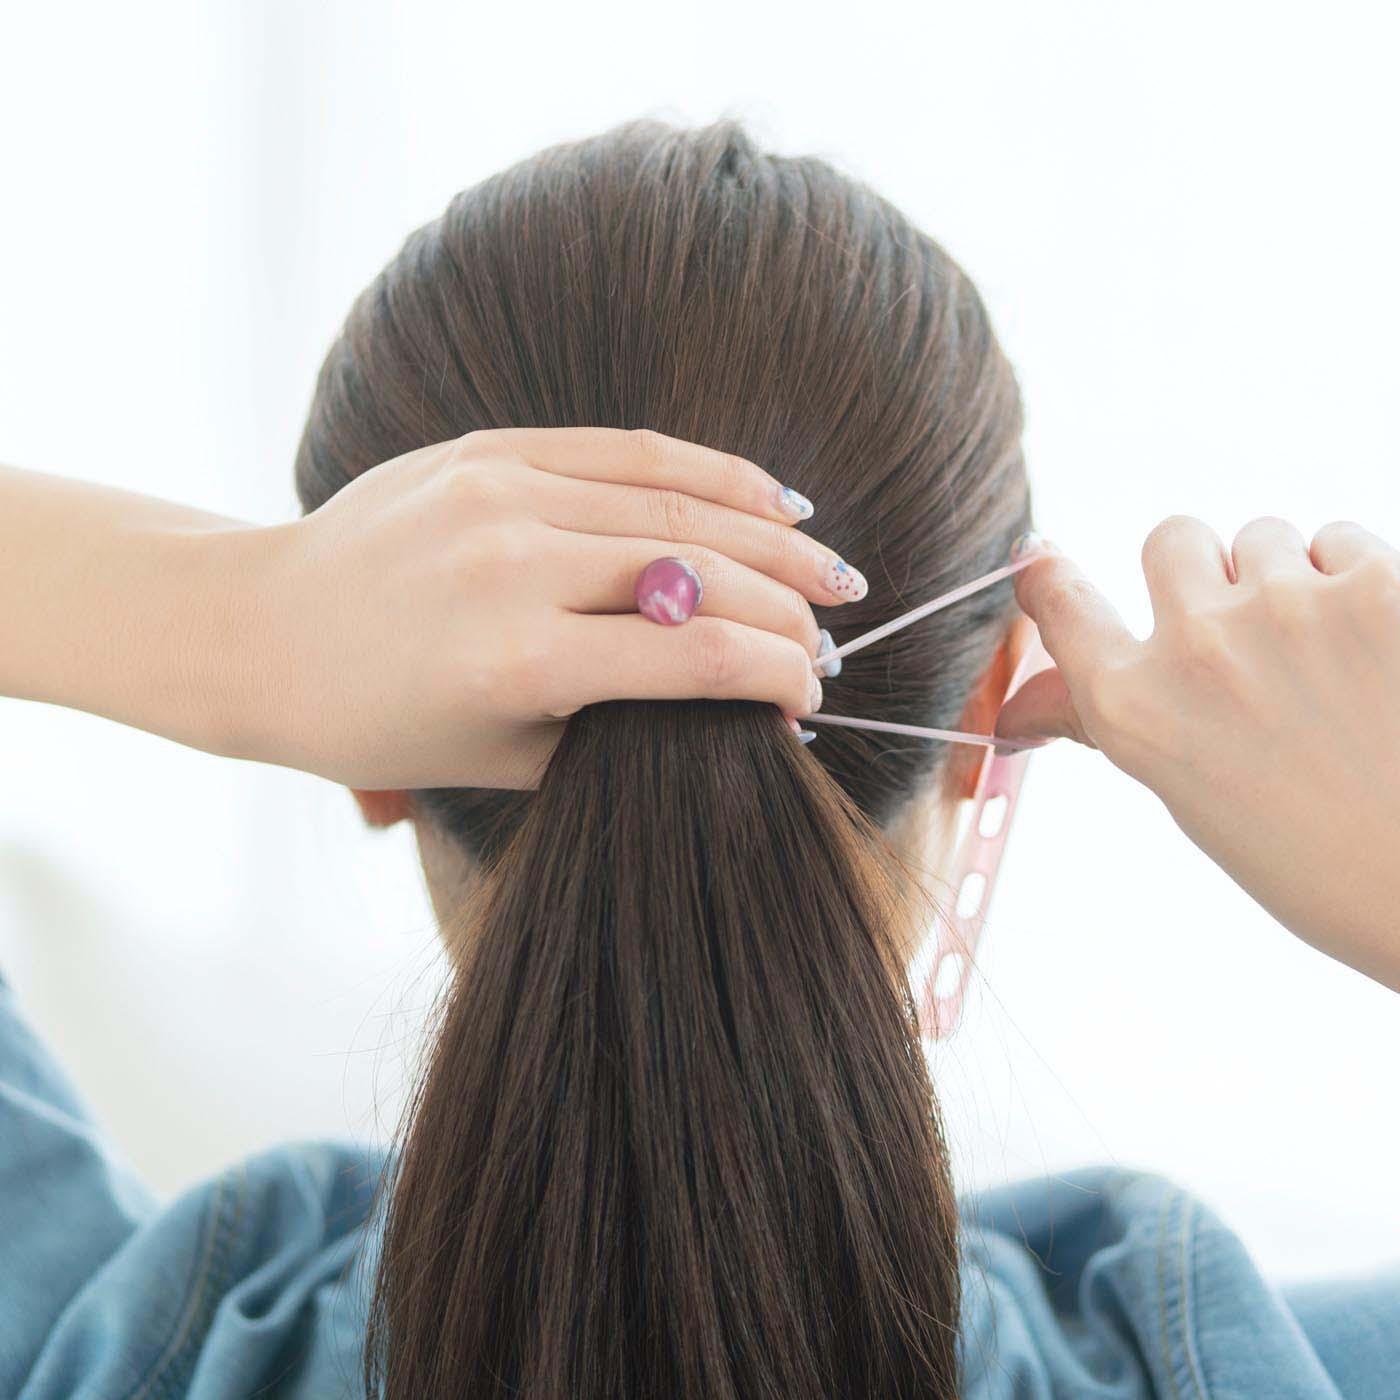 〔使い方はとっても簡単!〕髪をまとめてつかんでいるほうの指で球をはさみ、ヘアゴムをぐるりと1回巻き、いちばん大きな穴に通して固定します。